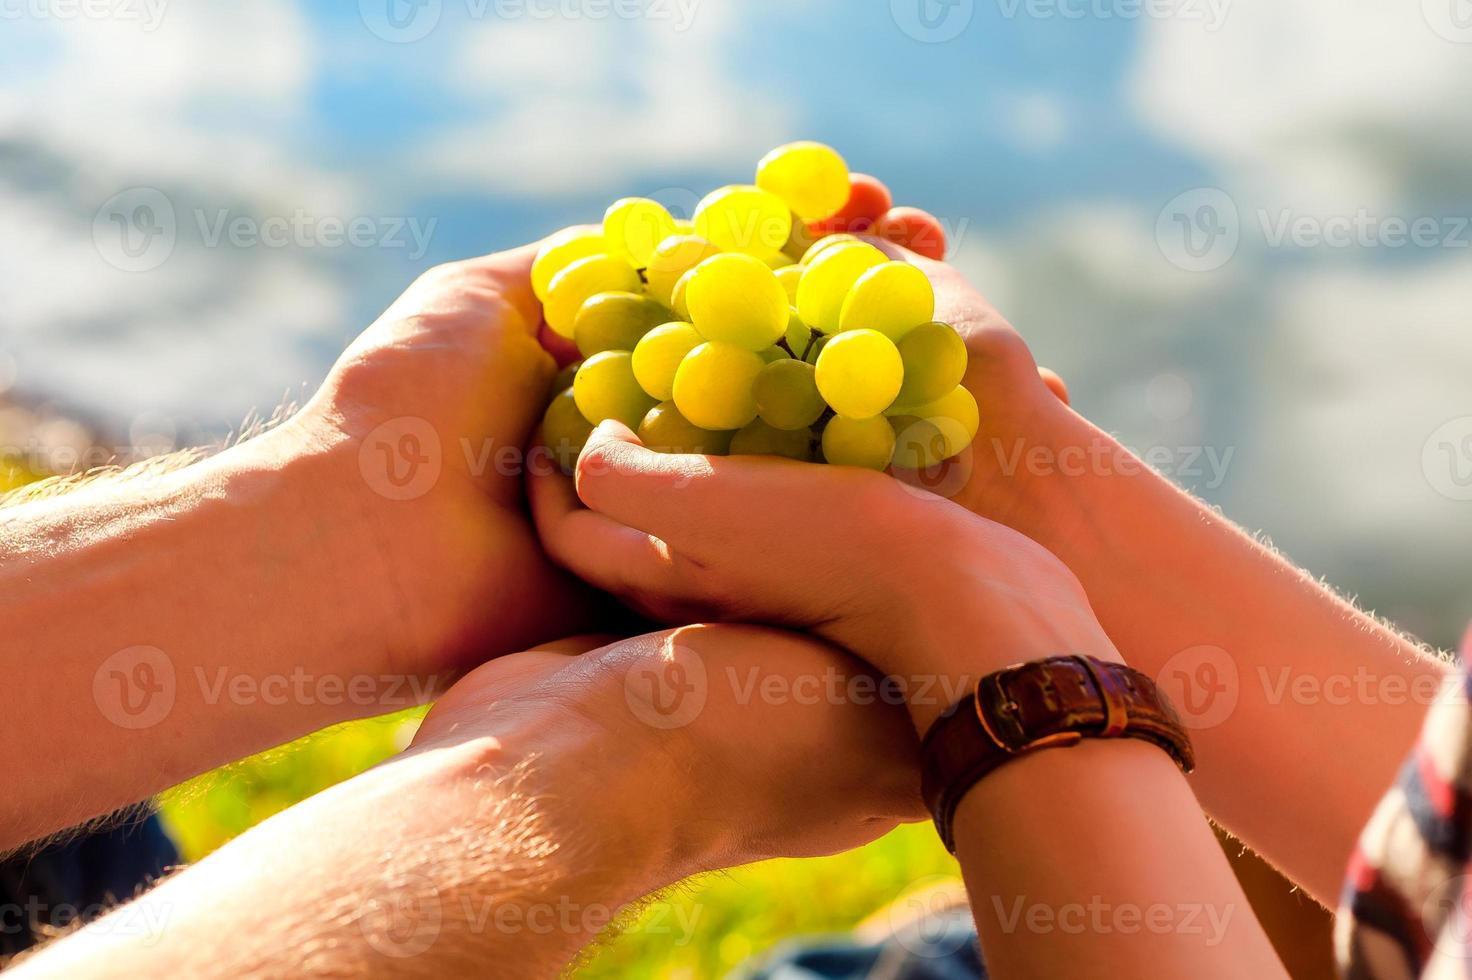 uva bianca in mano, luce solare foto